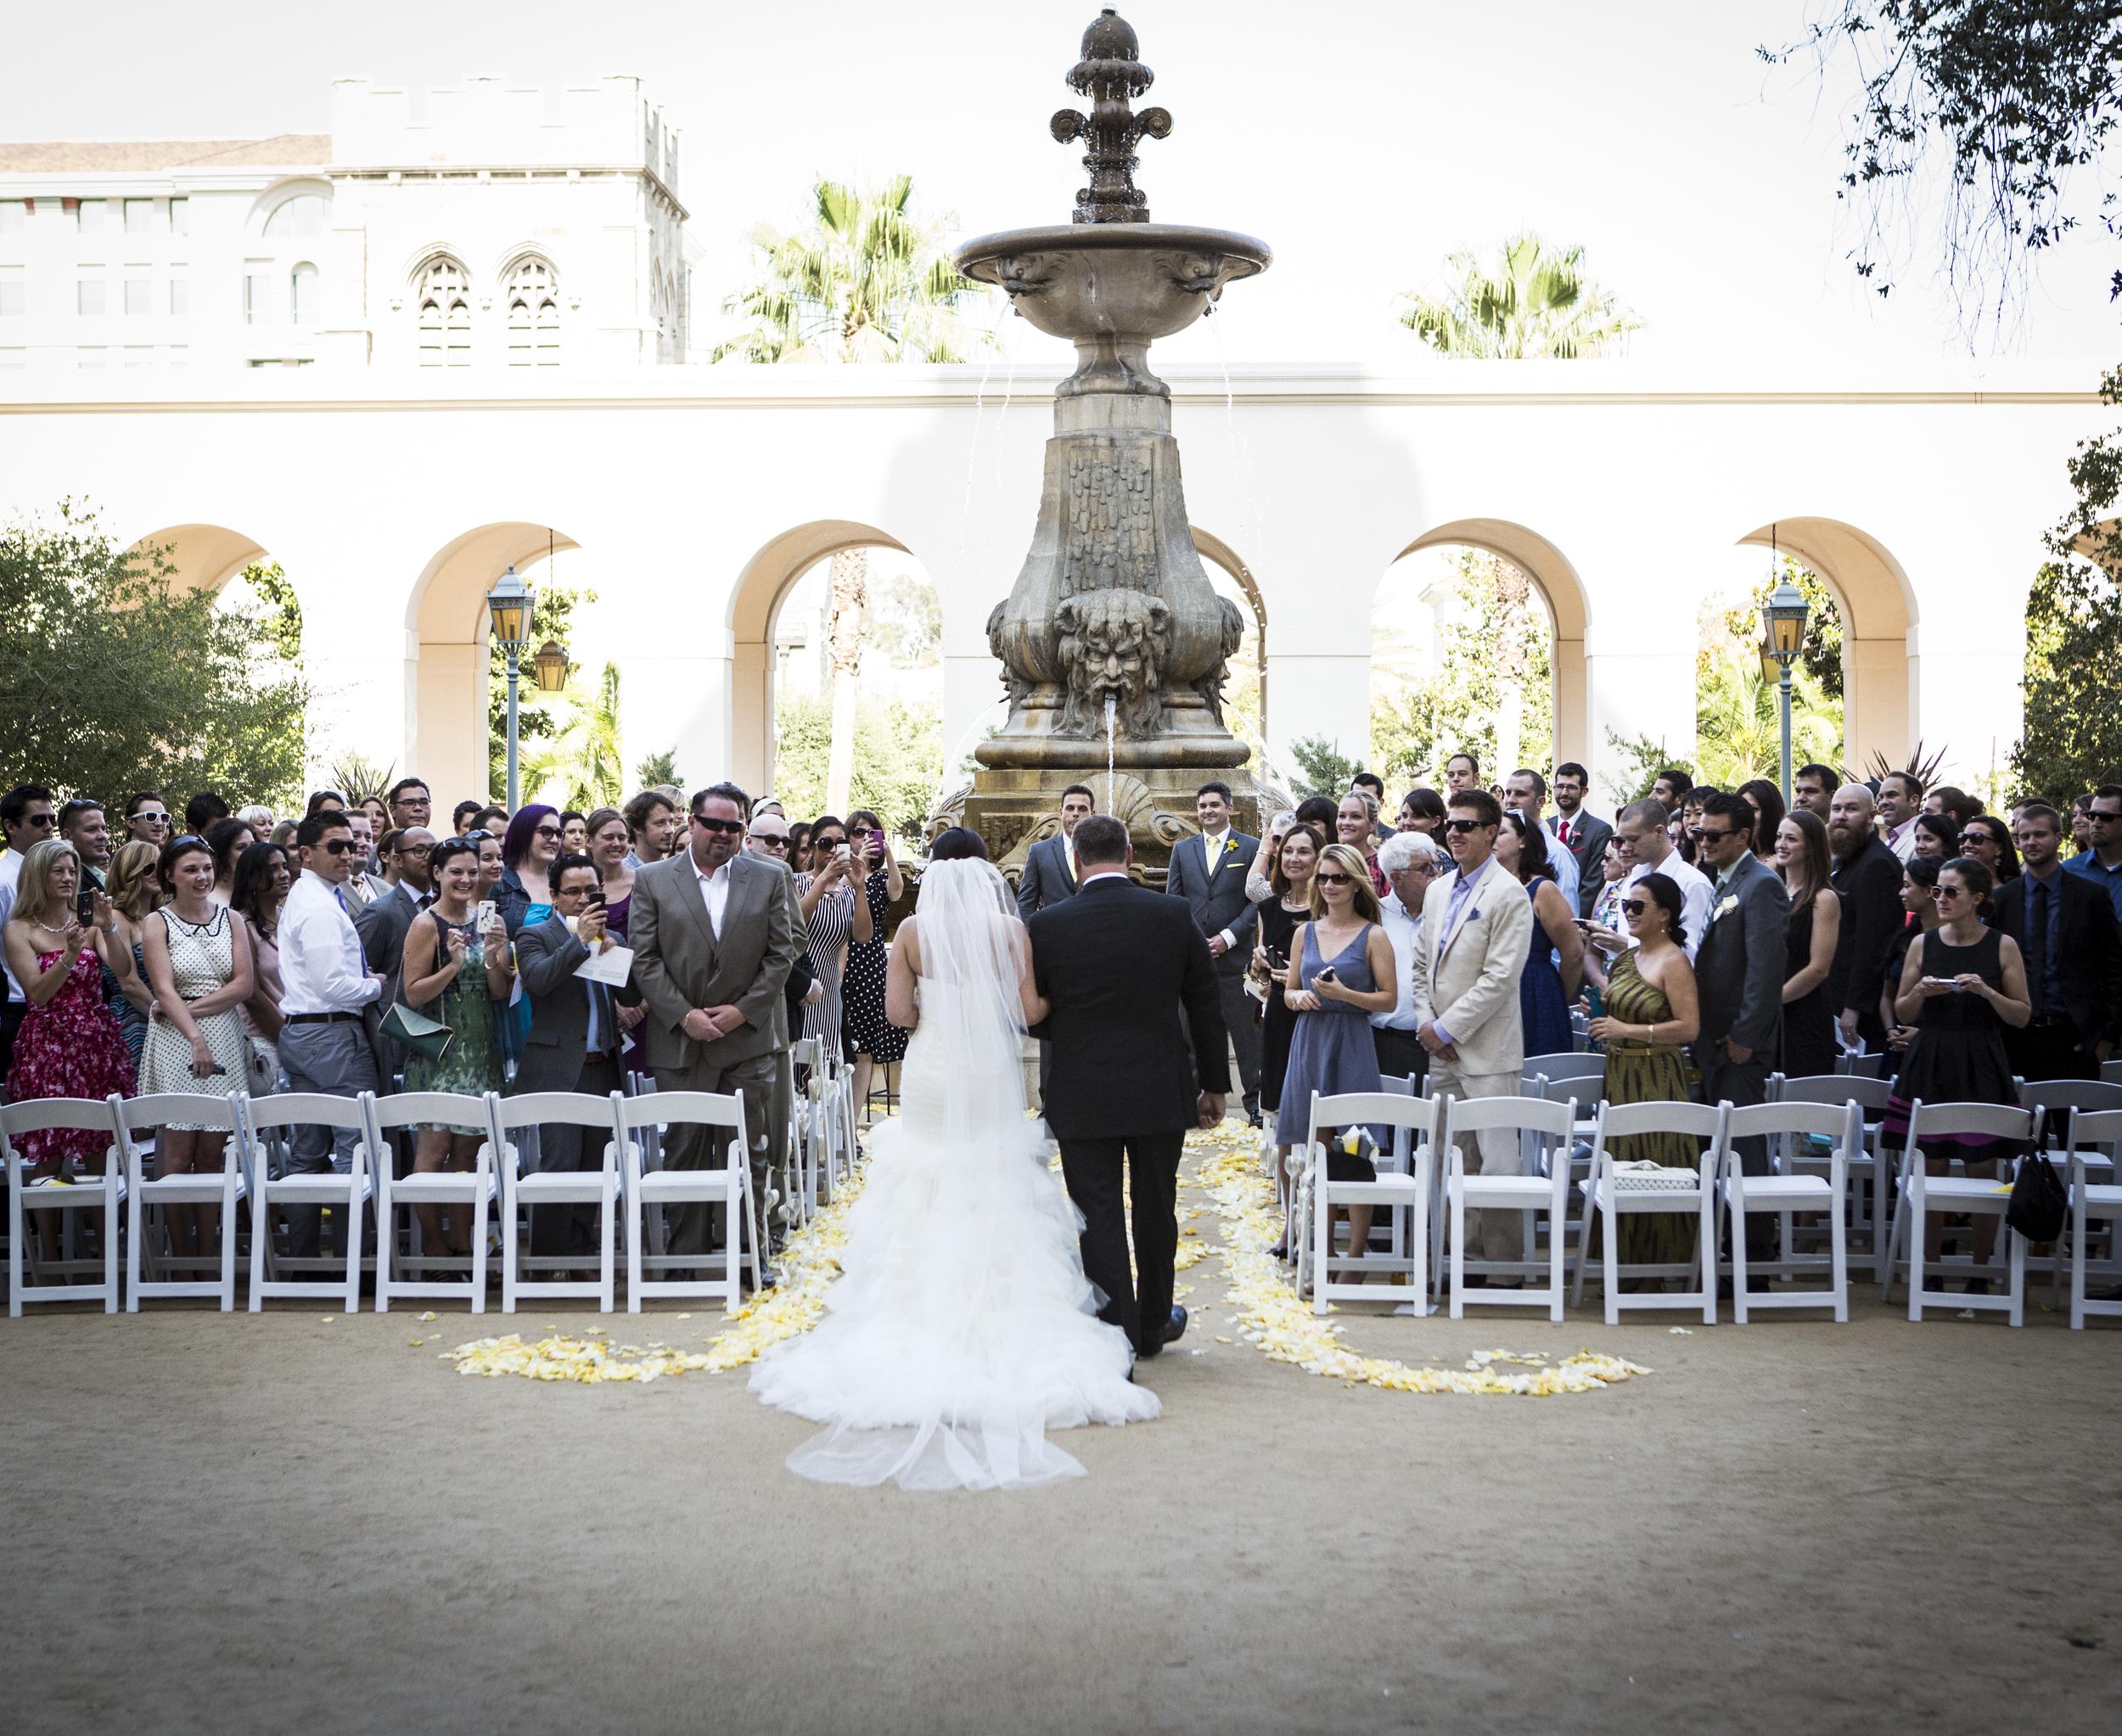 deanna_nich_wedding-35.jpg